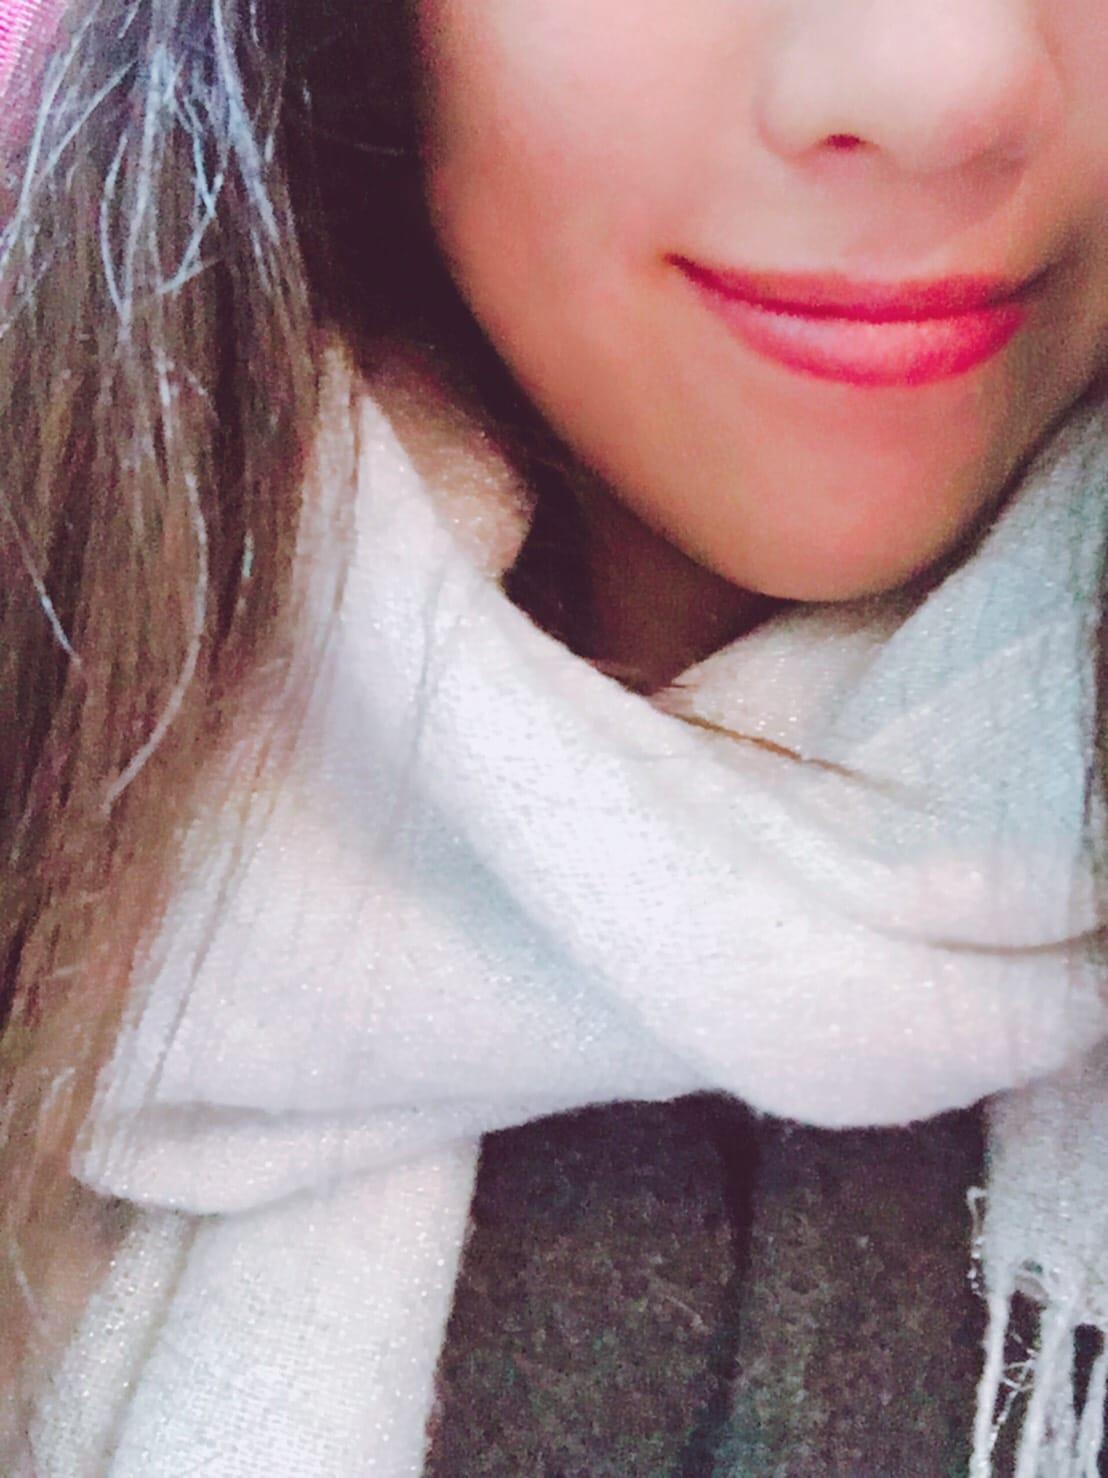 「今日も寒いですね( ;∀;)」02/27(火) 01:44 | あゆの写メ・風俗動画